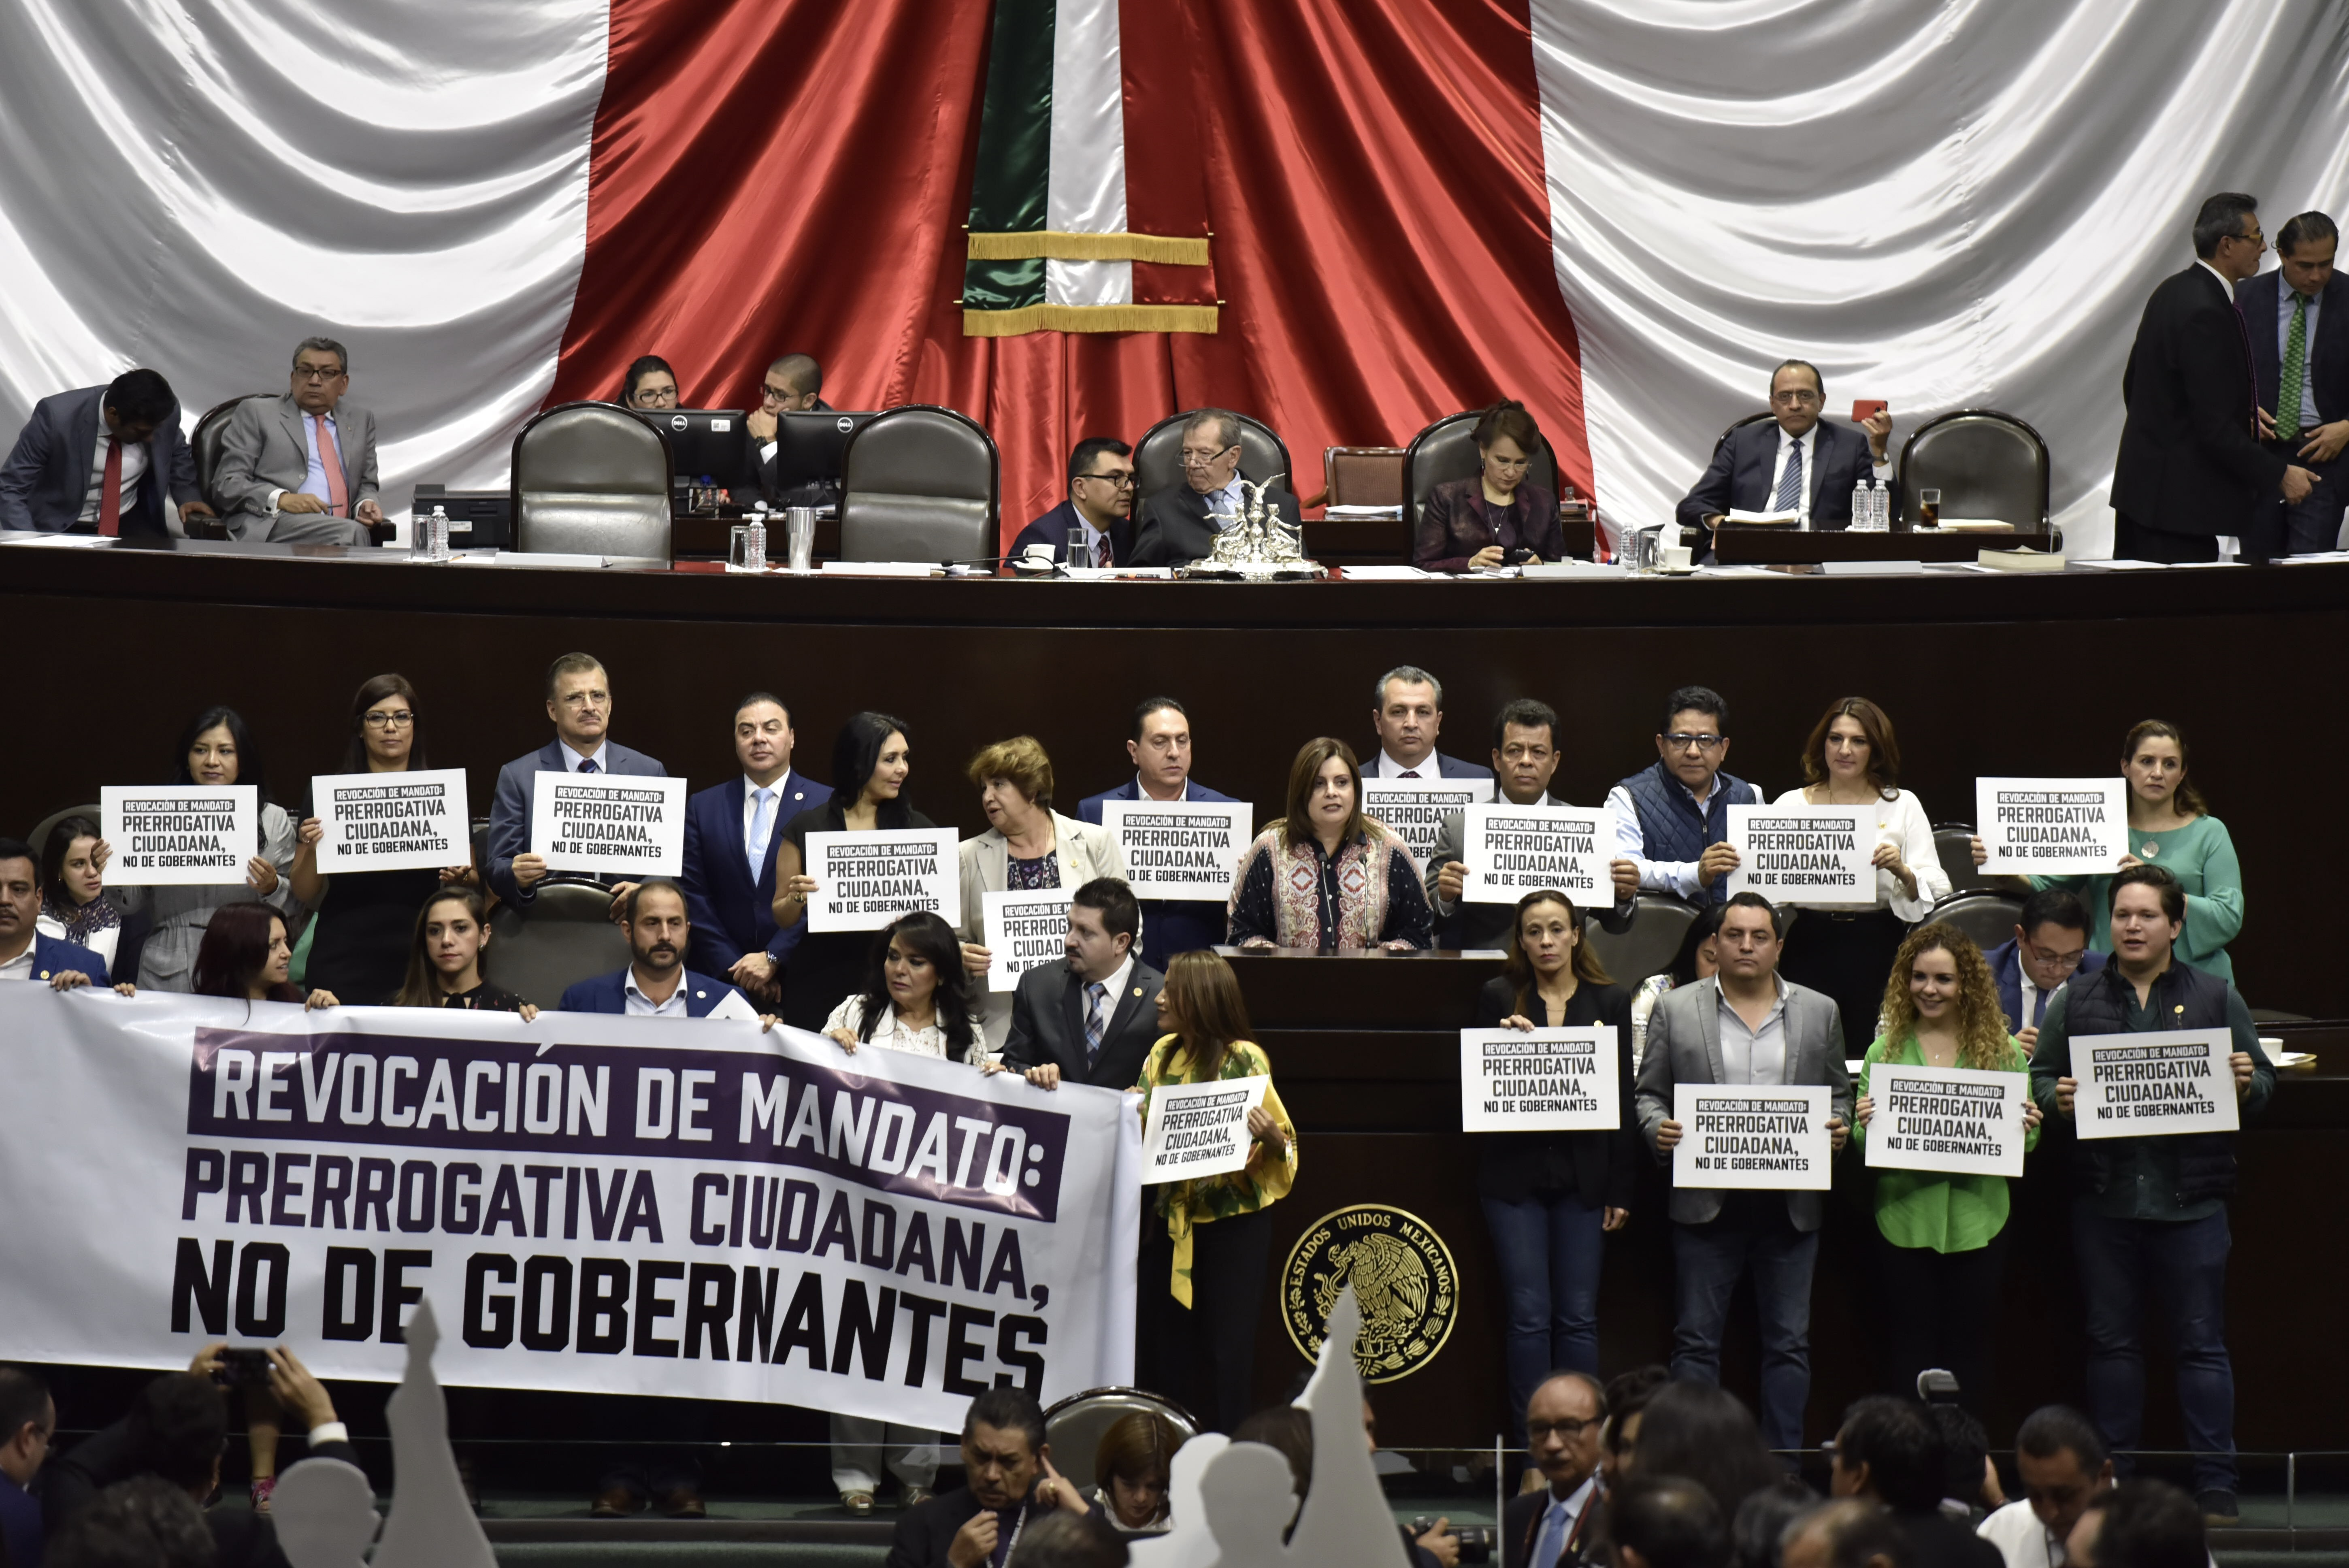 La Cámara de Diputados protesta por la reforma (Foto: Cuartoscuro)